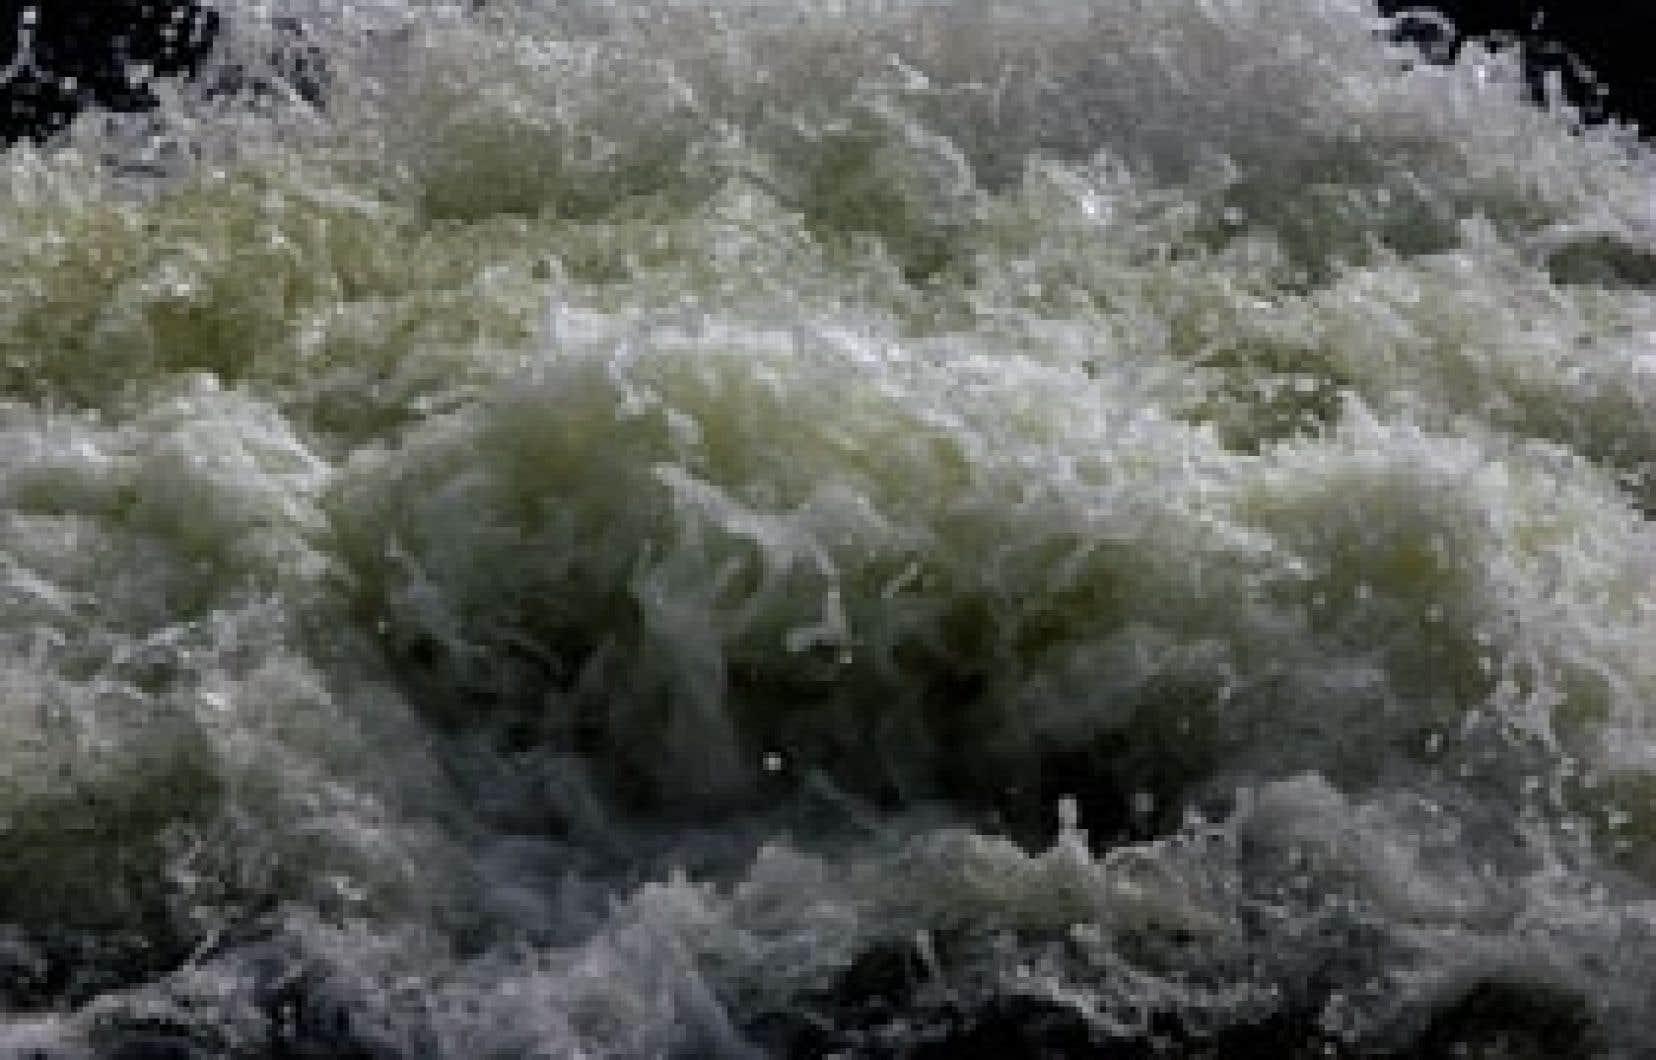 Le traitement actuel des eaux usées, qui capte les matières organiques, laisse passer bactéries, virus et médicaments.